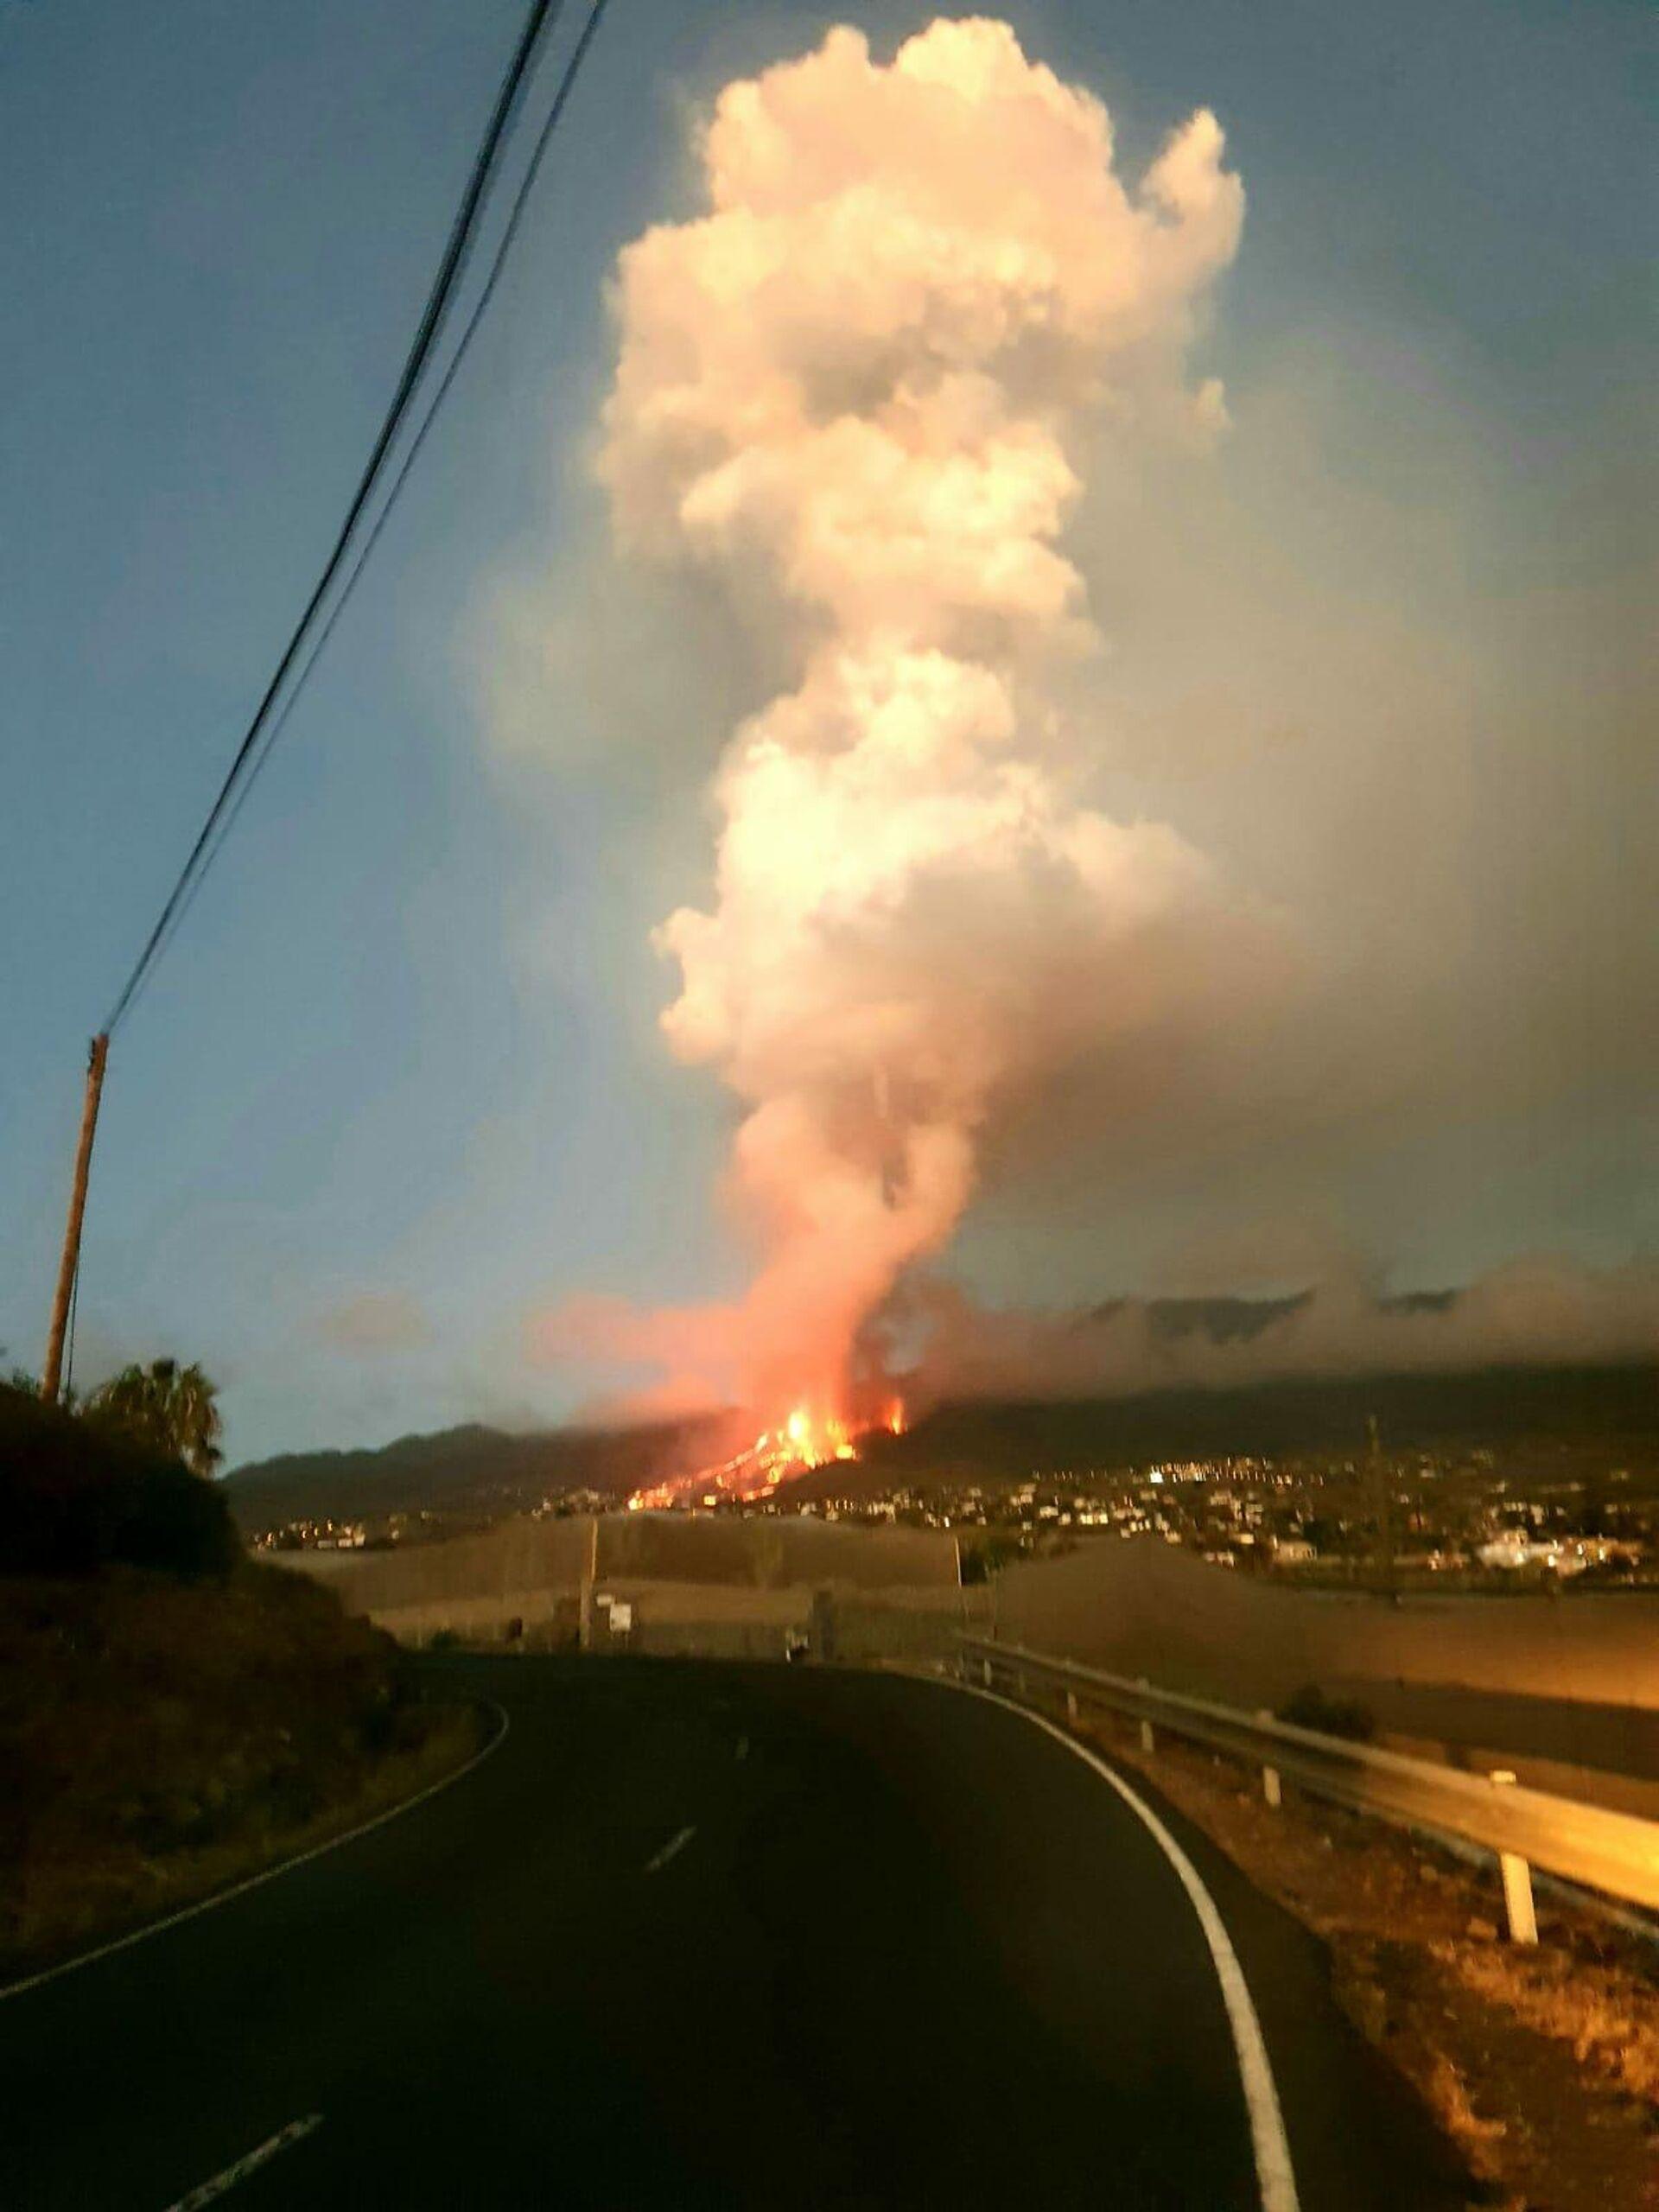 Erupción del volcán Cumbre Vieja (La Palma) tomada por un vecino - Sputnik Mundo, 1920, 20.09.2021